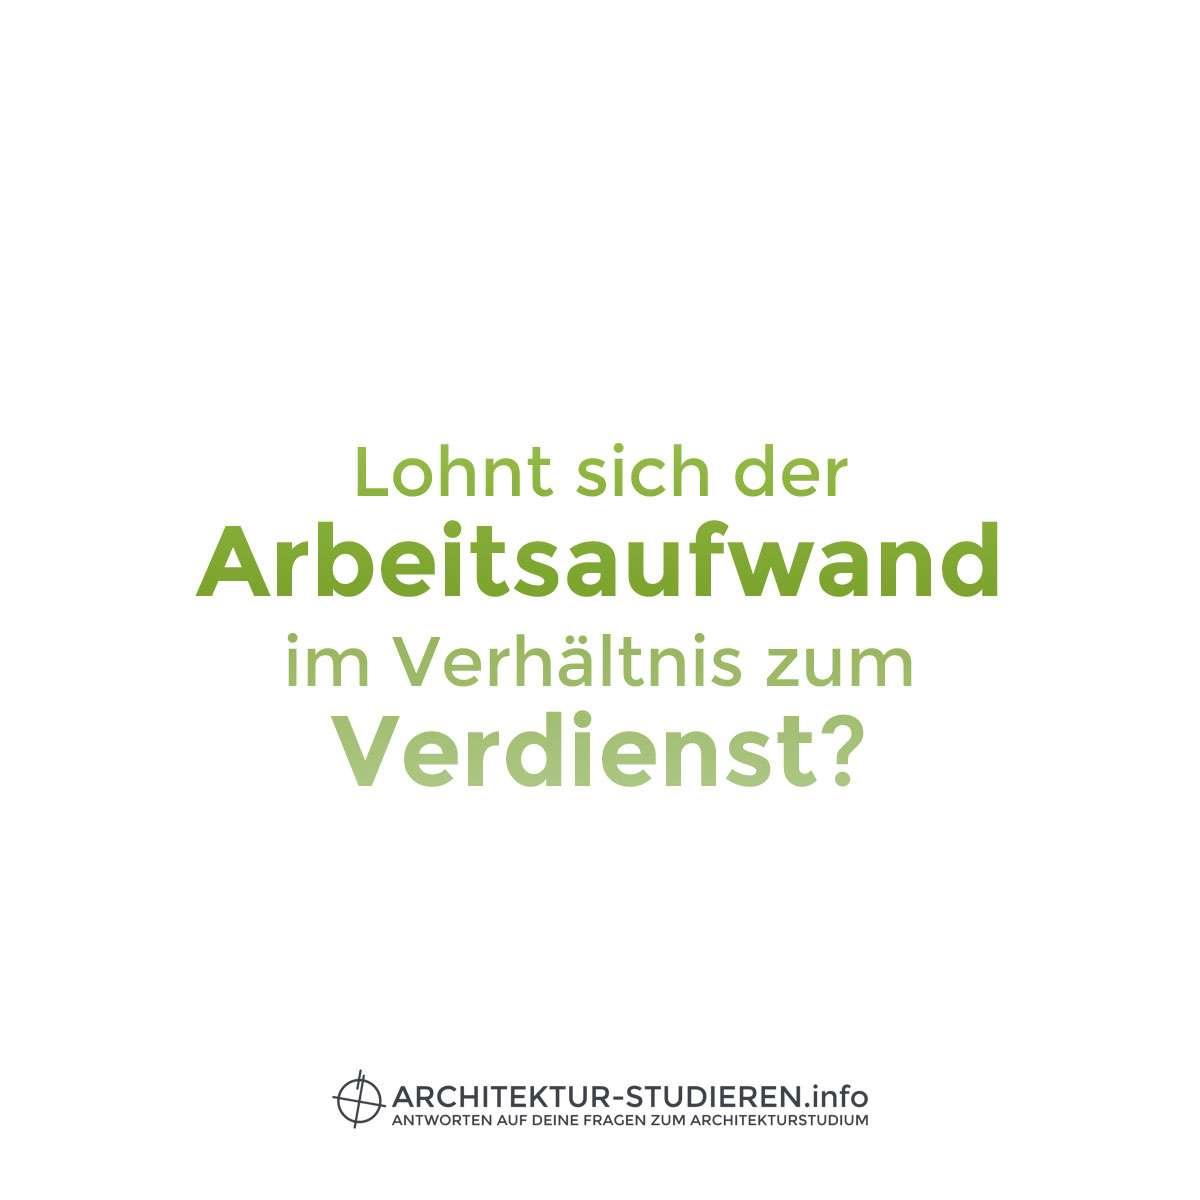 Arbeitsaufwand vs verdienst architektur for Architektur studieren info